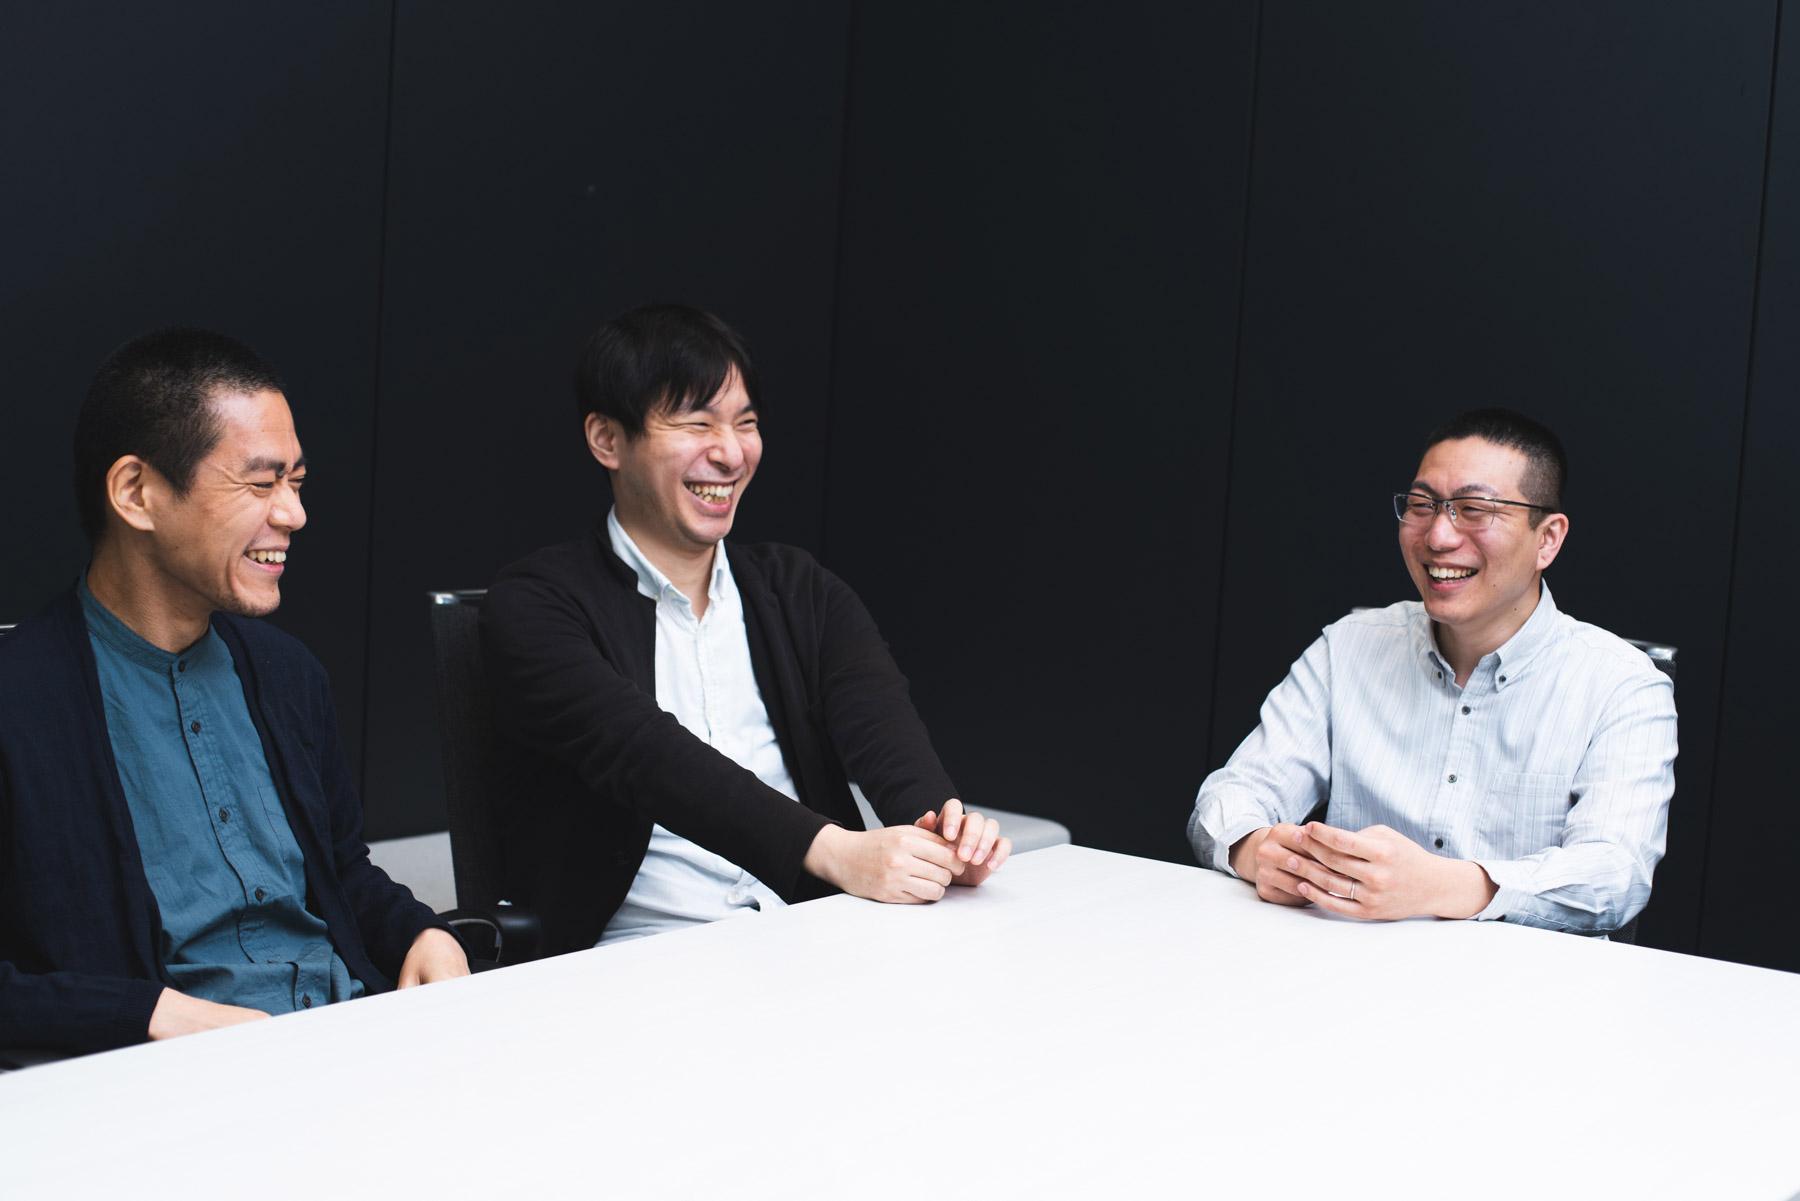 ニューズピックスのエンジニア3人の笑顔